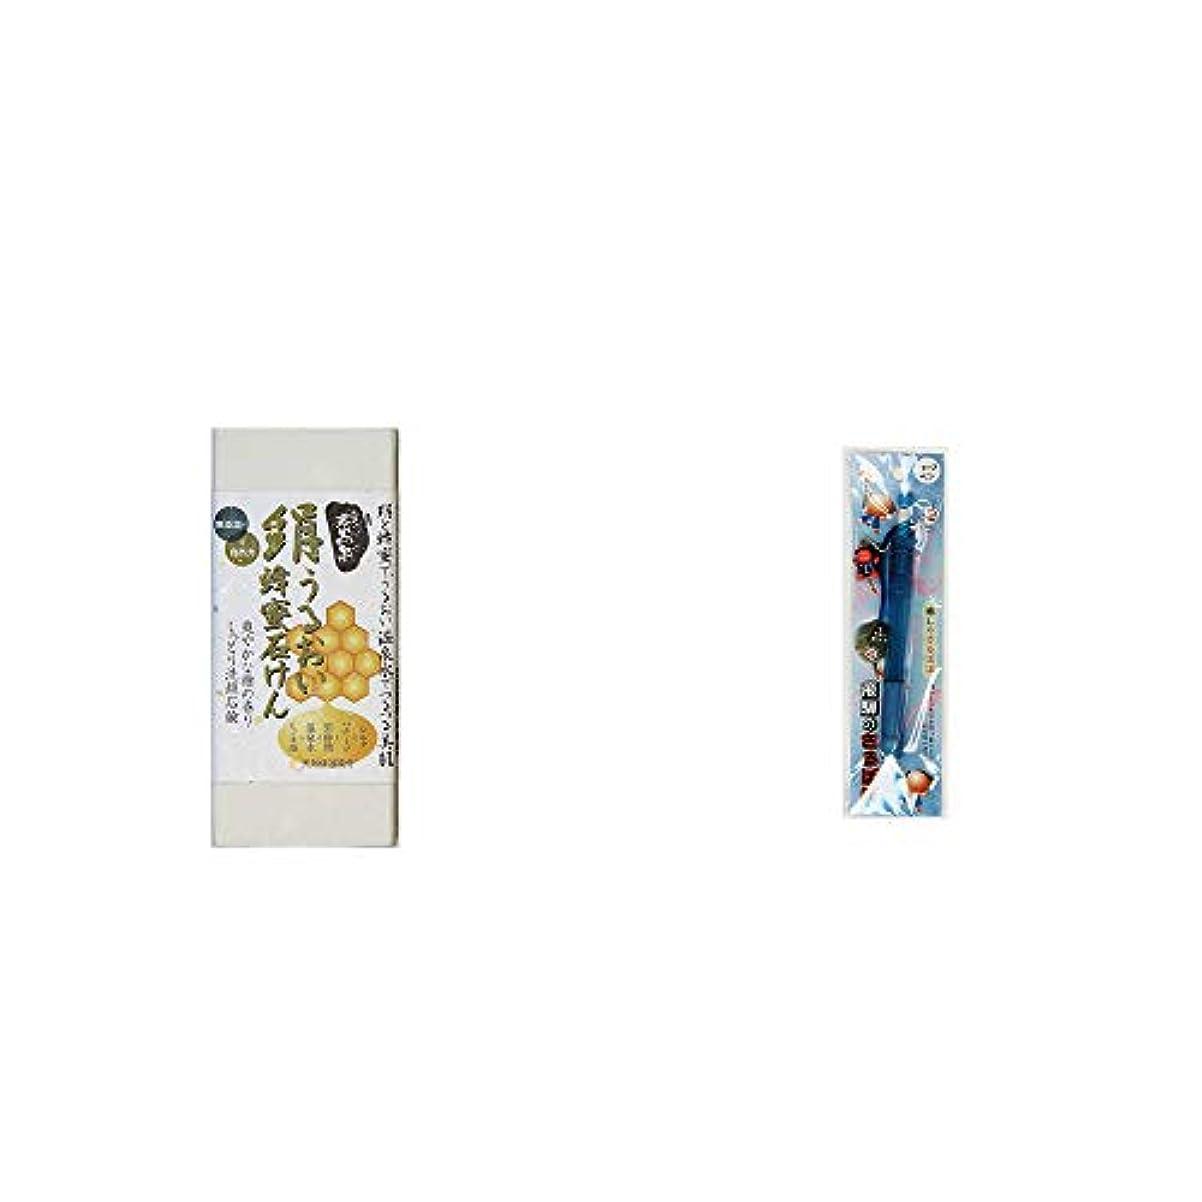 インシュレータ交じるフェンス[2点セット] ひのき炭黒泉 絹うるおい蜂蜜石けん(75g×2)?さるぼぼ 癒しシャープペン 【ブルー】